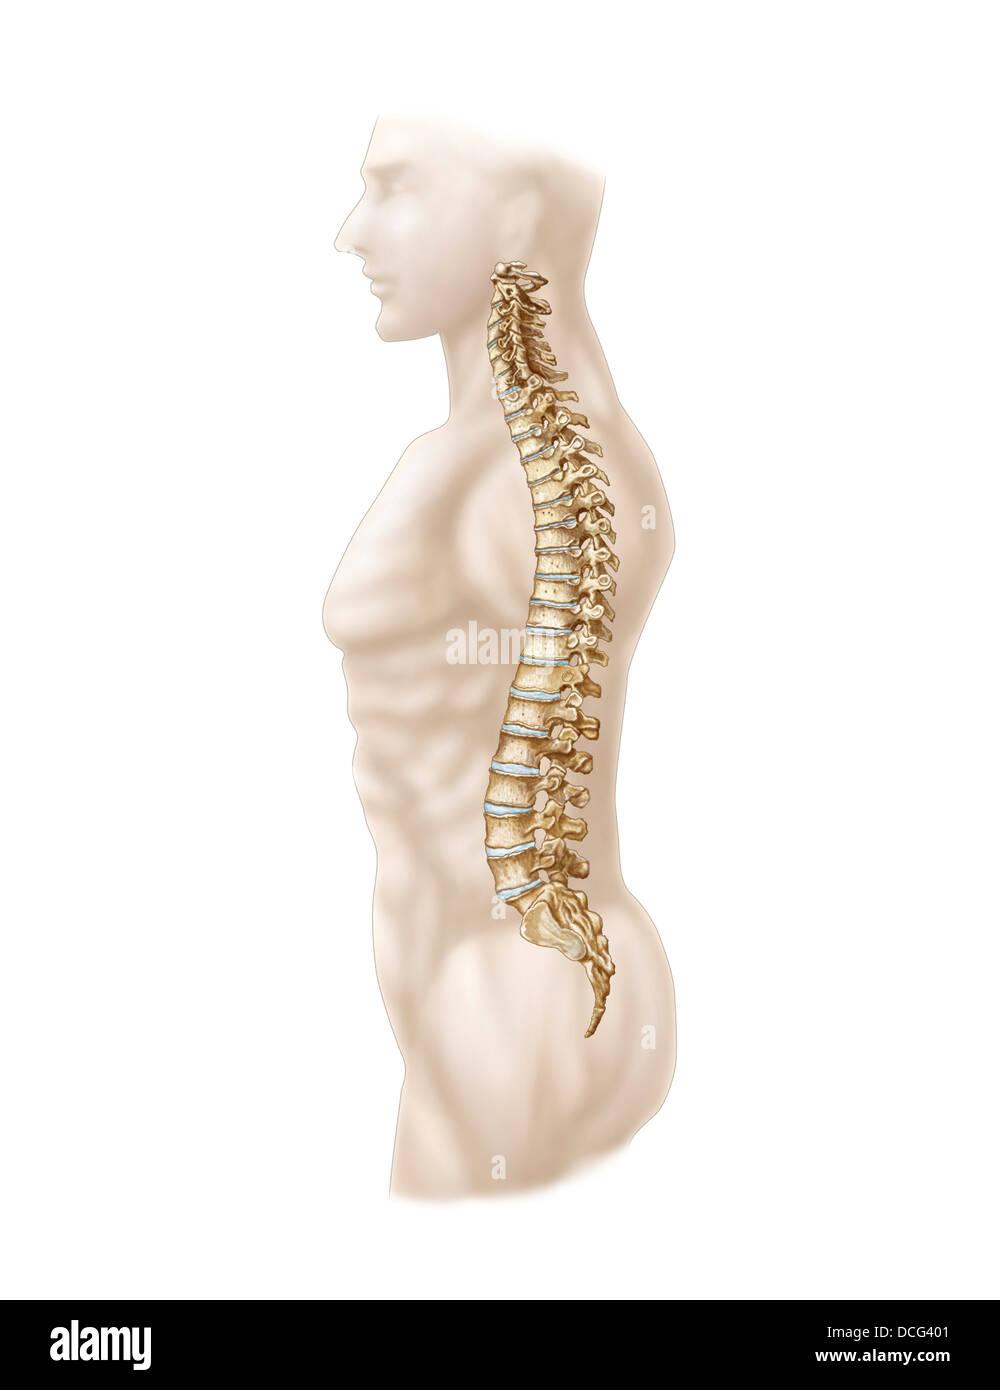 Anatomie de la colonne vertébrale, vue latérale gauche. Photo Stock